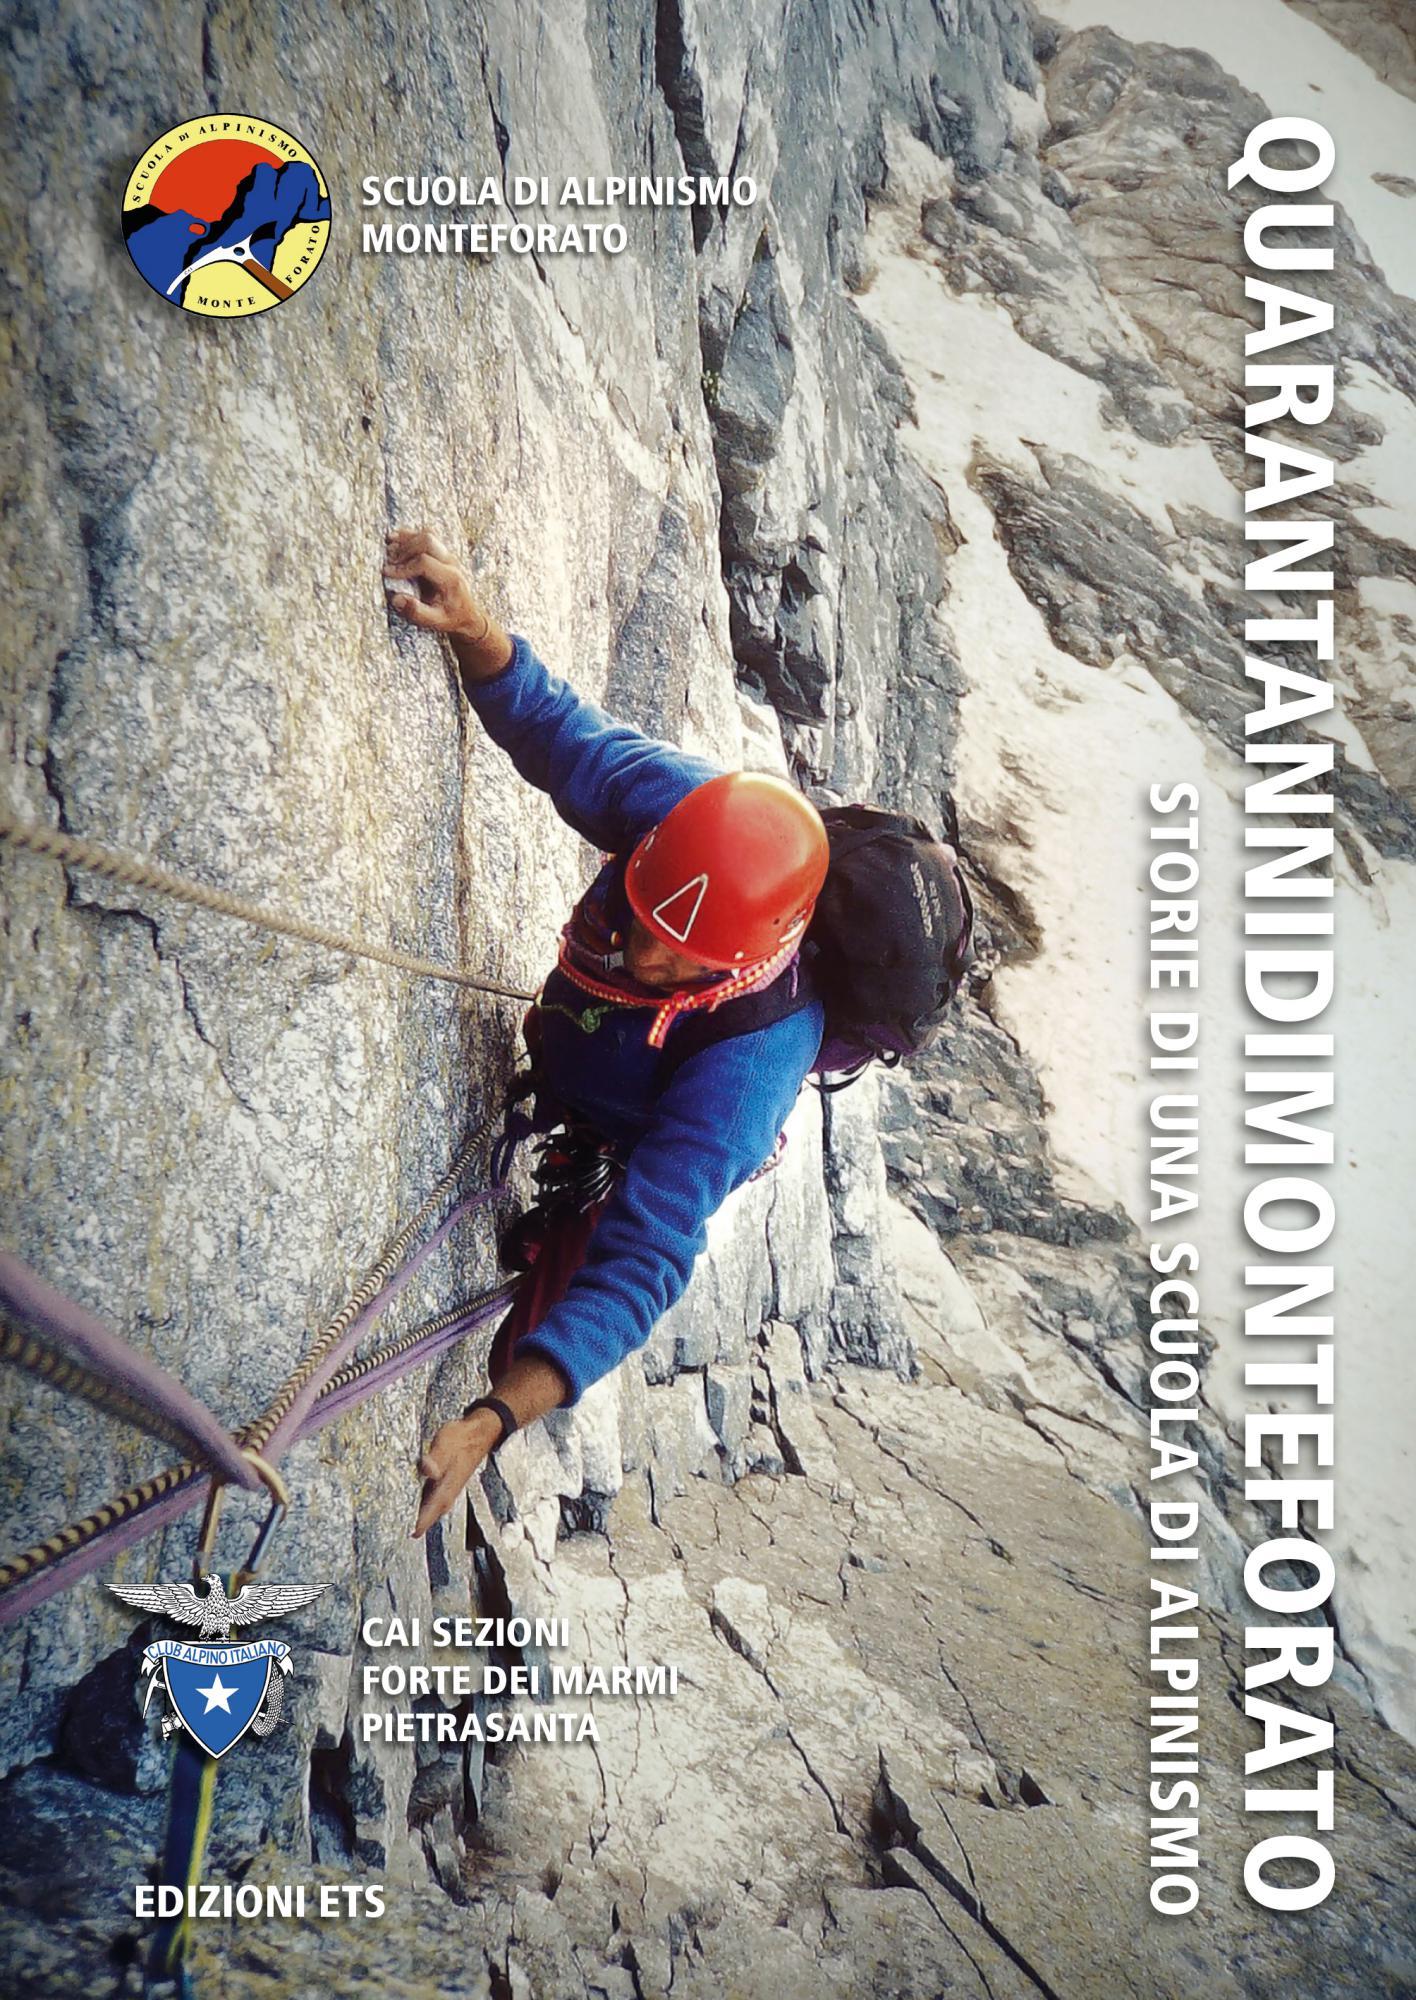 Quarantannidimonteforato.Storie di una scuola di alpinismo